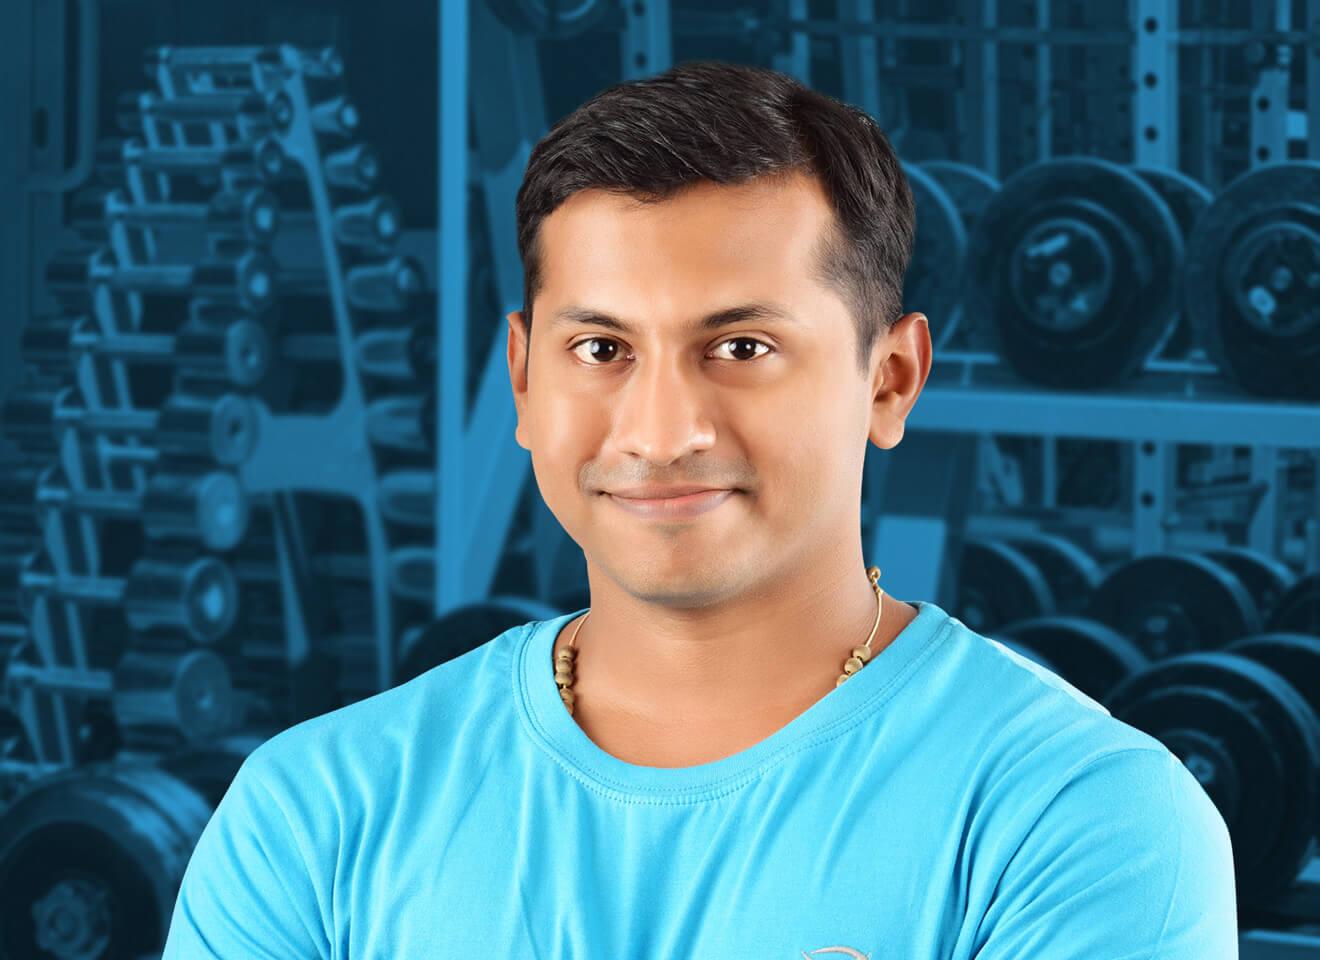 Jibin Karukappally James